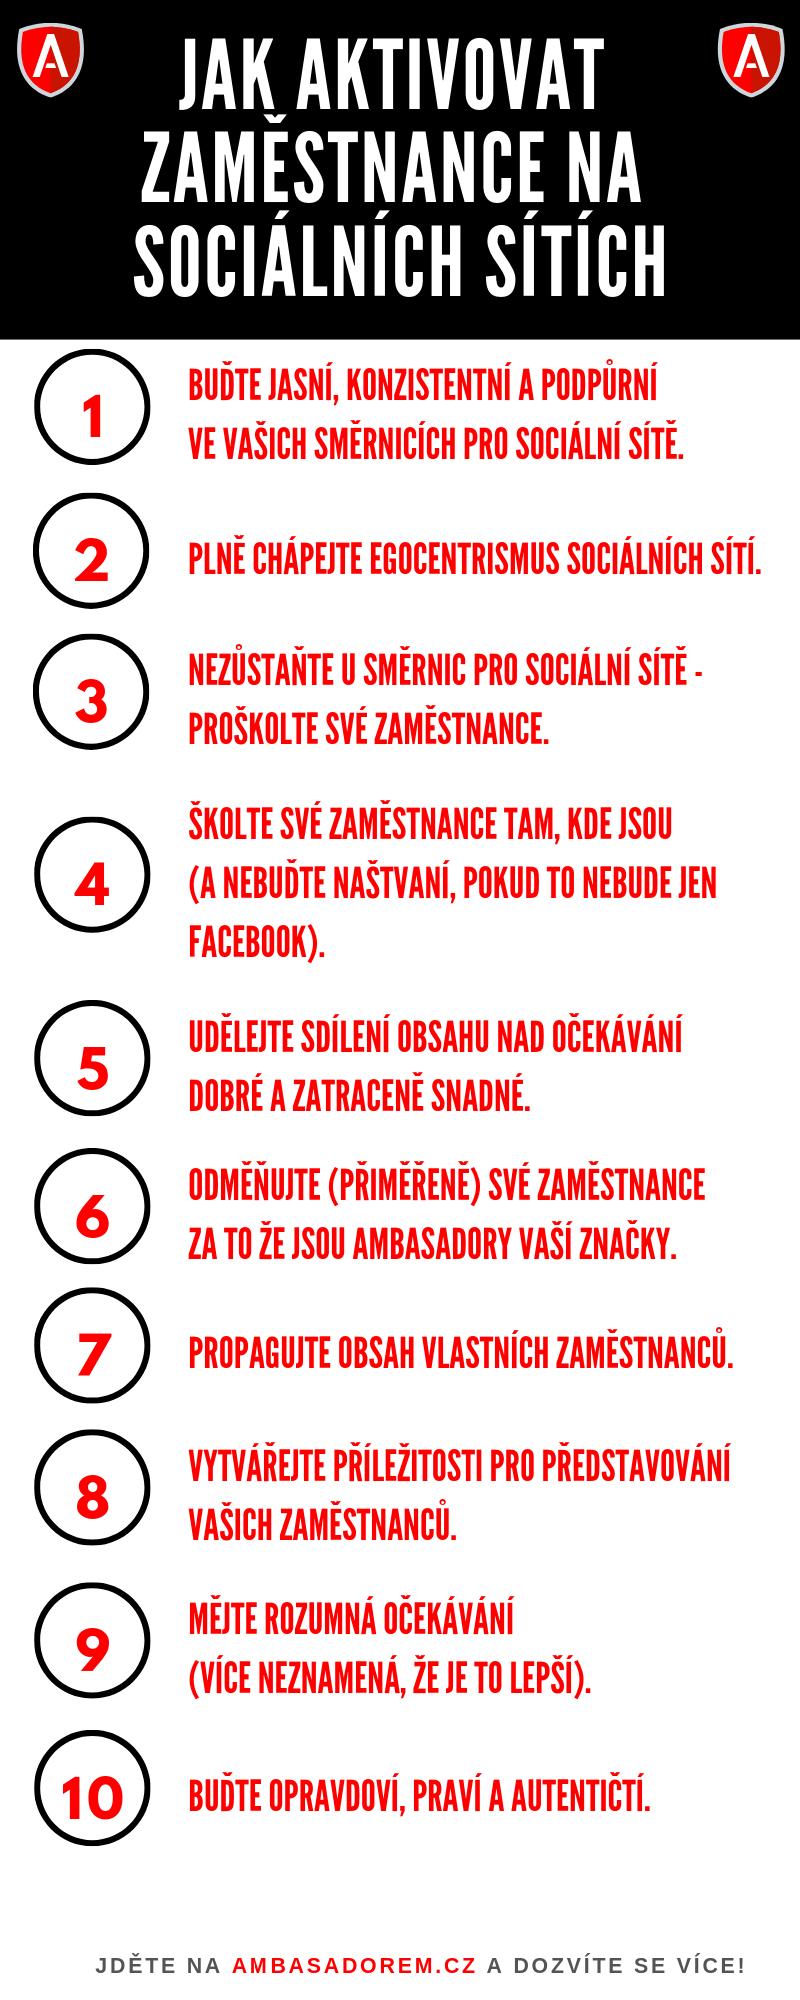 88308d999 Zde je dalších 10 způsobů, kterými můžete posilovat své zaměstnance, aby  obhajovali vaši značku